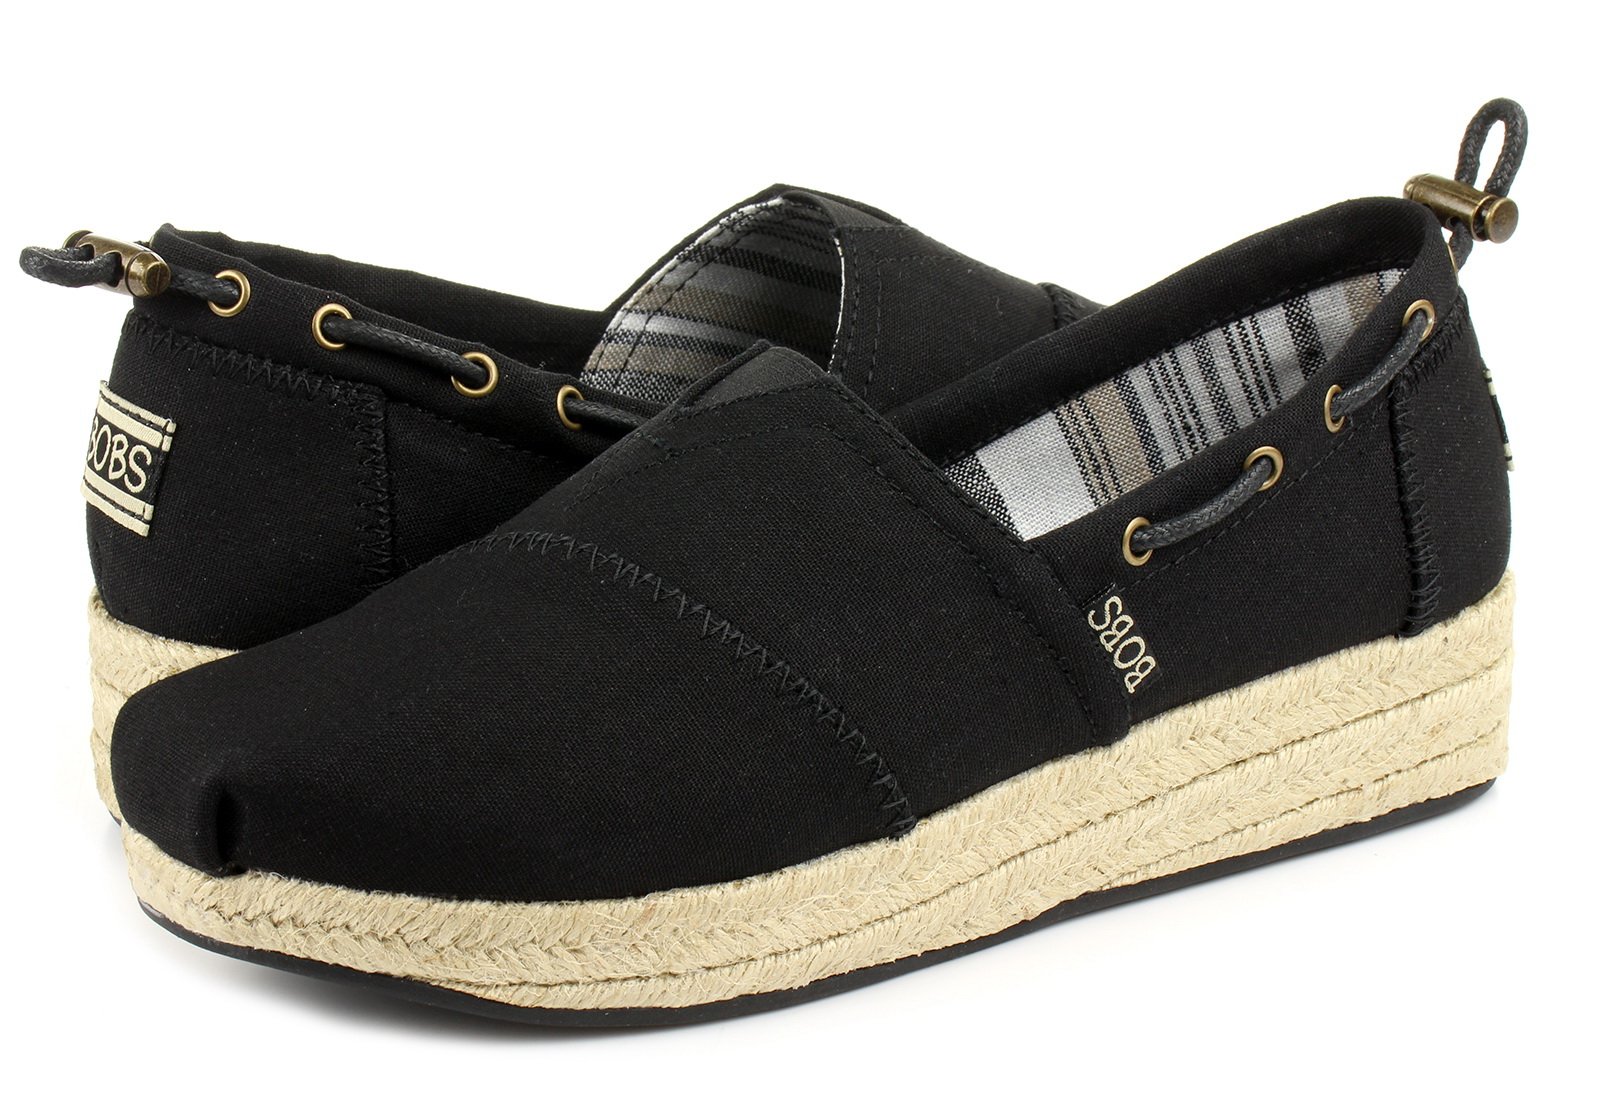 0859dbea2b6d Skechers Shoes - Highlights - Set Sail - 34110-blk - Online shop for ...